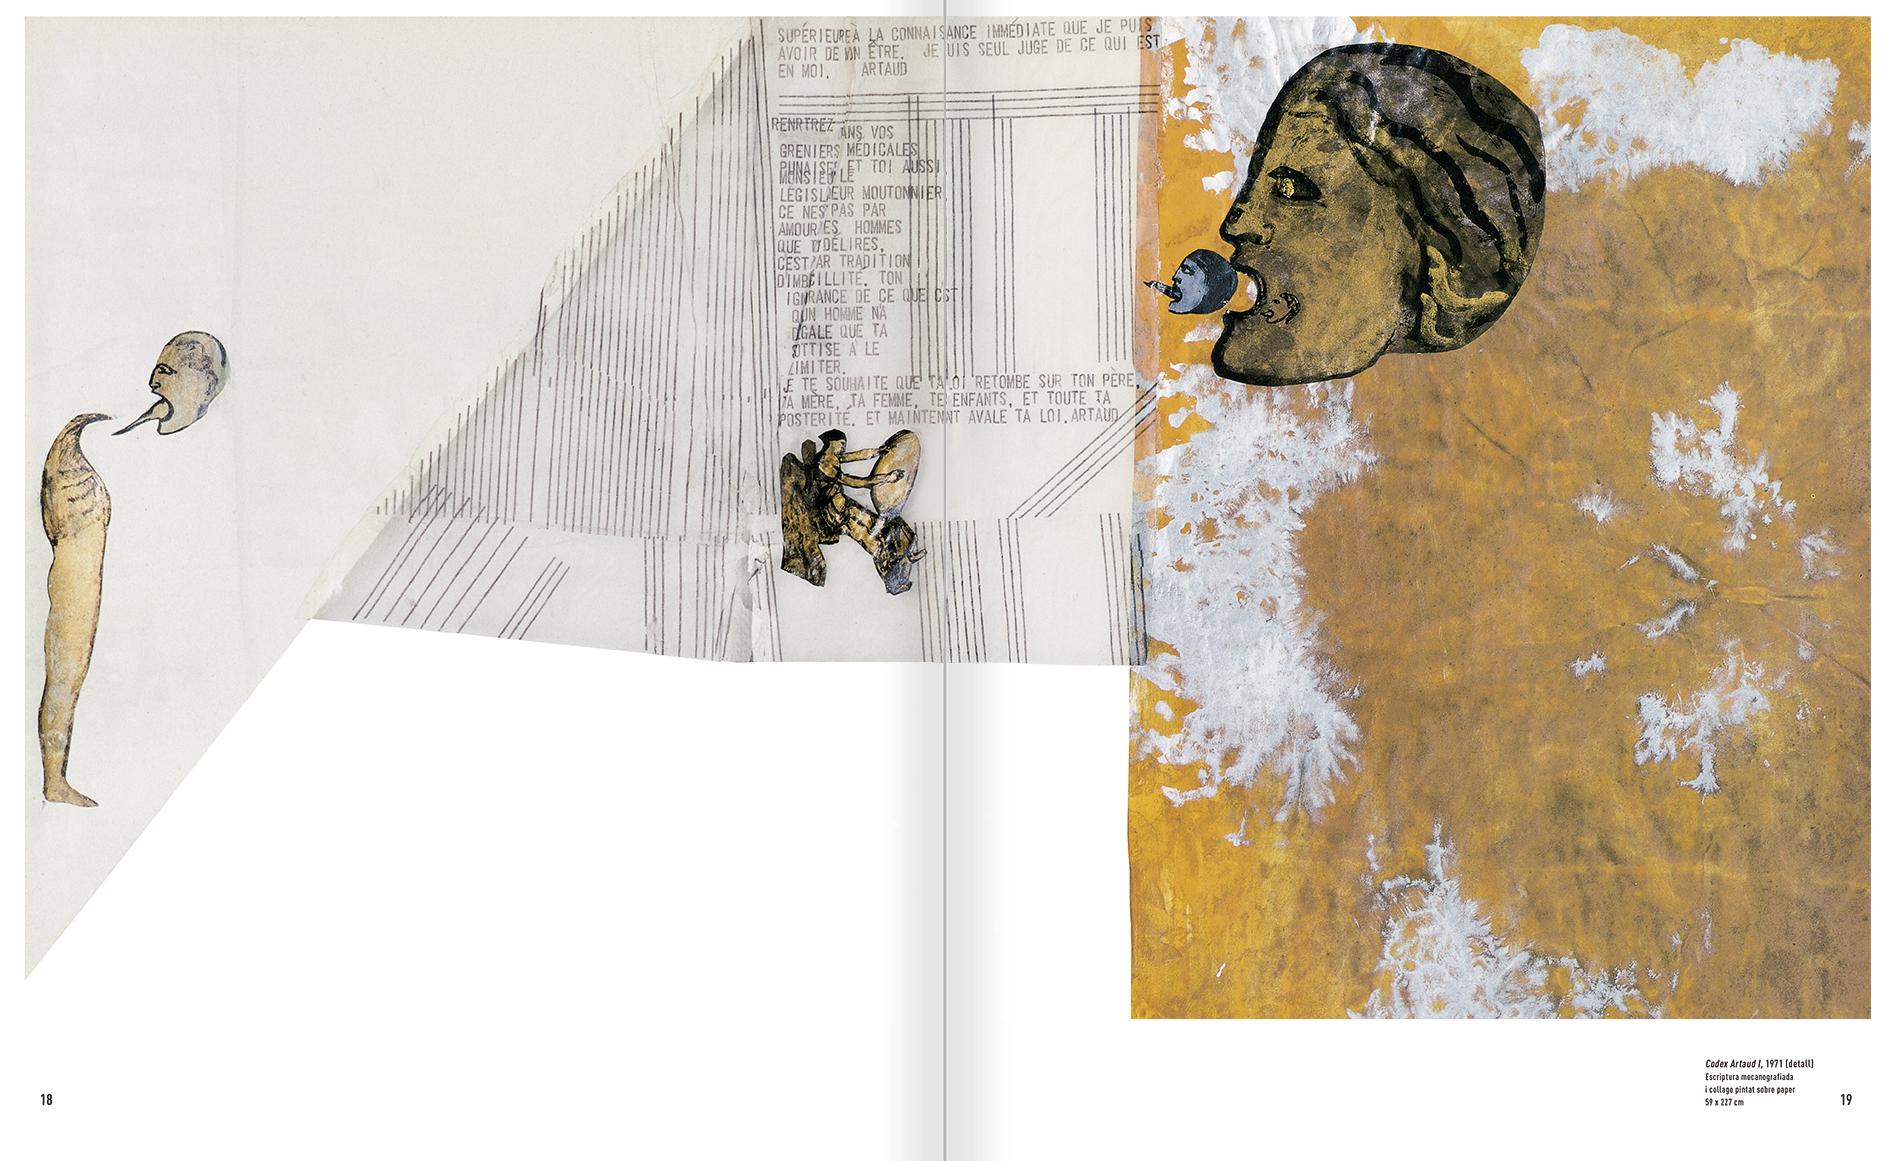 """Selecció del catàleg """"Nancy Spero. Dissidanses"""" pàgines 18 i 19"""